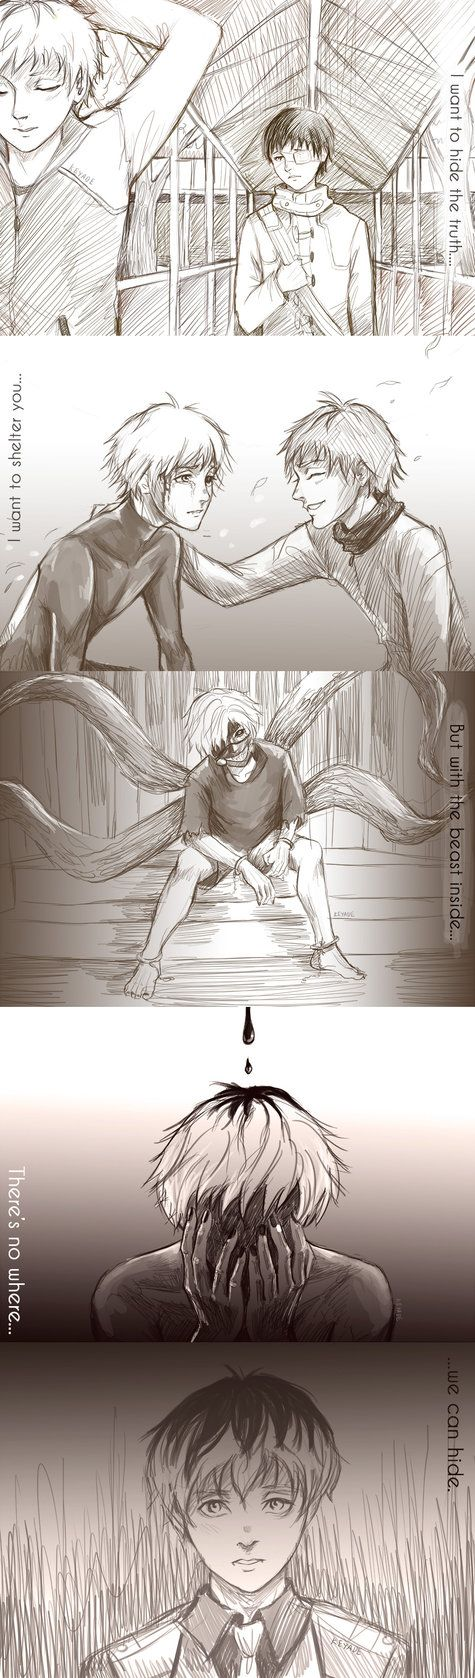 ::Tokyo Ghoul:: Demons by Keyade on deviantART